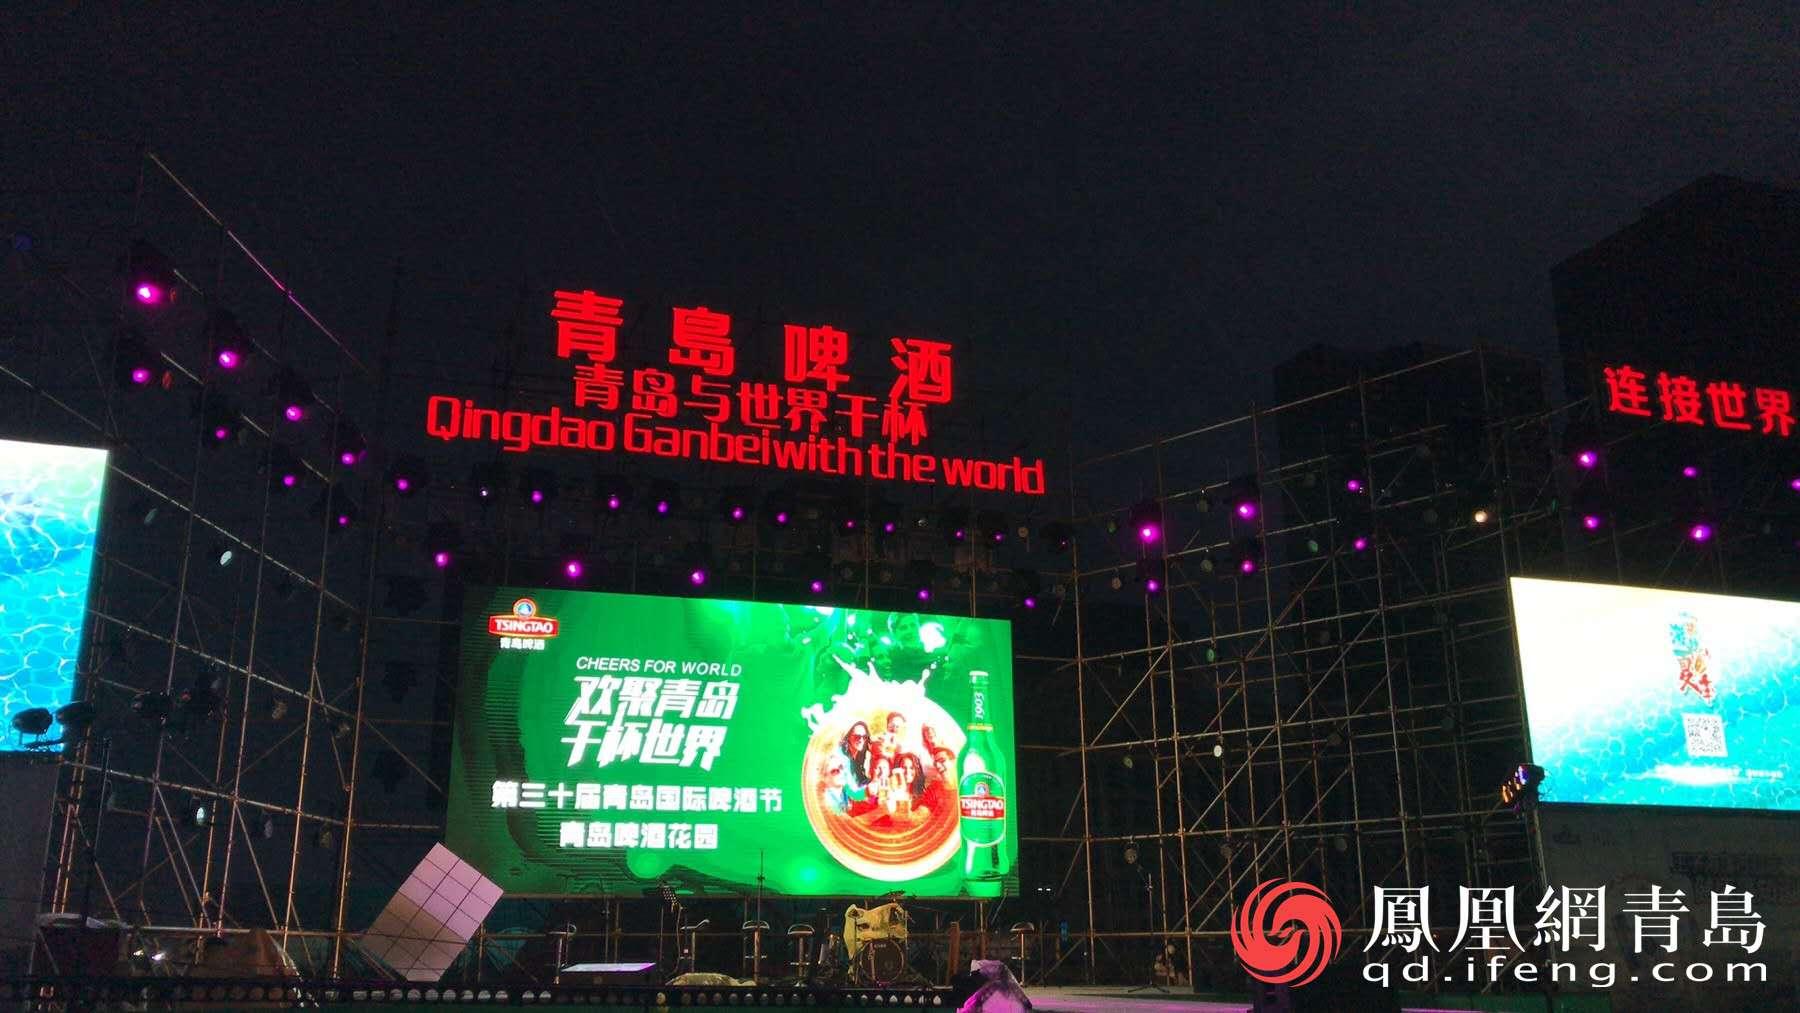 崂山!开城!开哈!  ——第30届青岛国际啤酒节盛大开幕